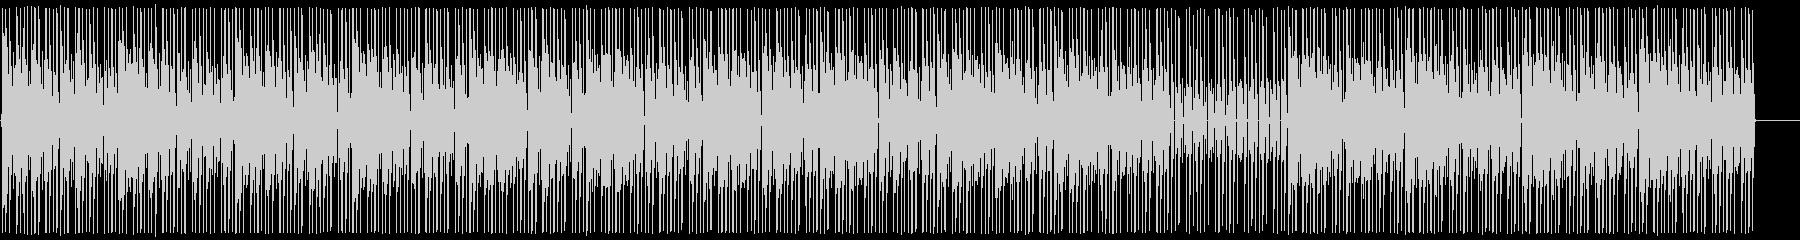 ヒップホップ/シンプル・王道/ギター/4の未再生の波形